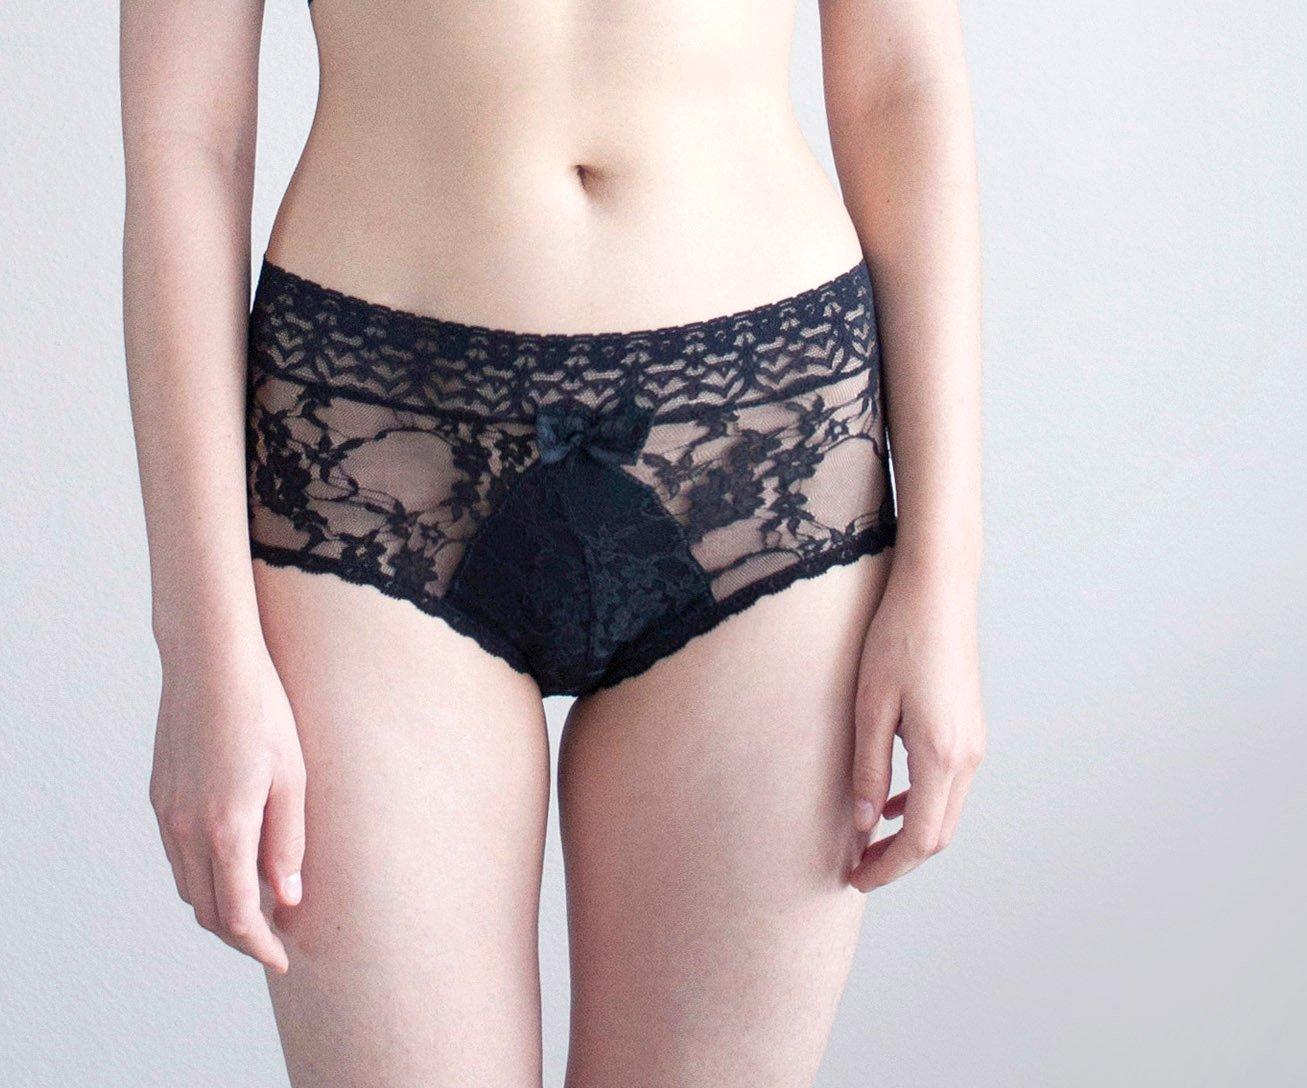 d79d06b35 Amazon.com  Black Lace Panties. Floral Lingerie